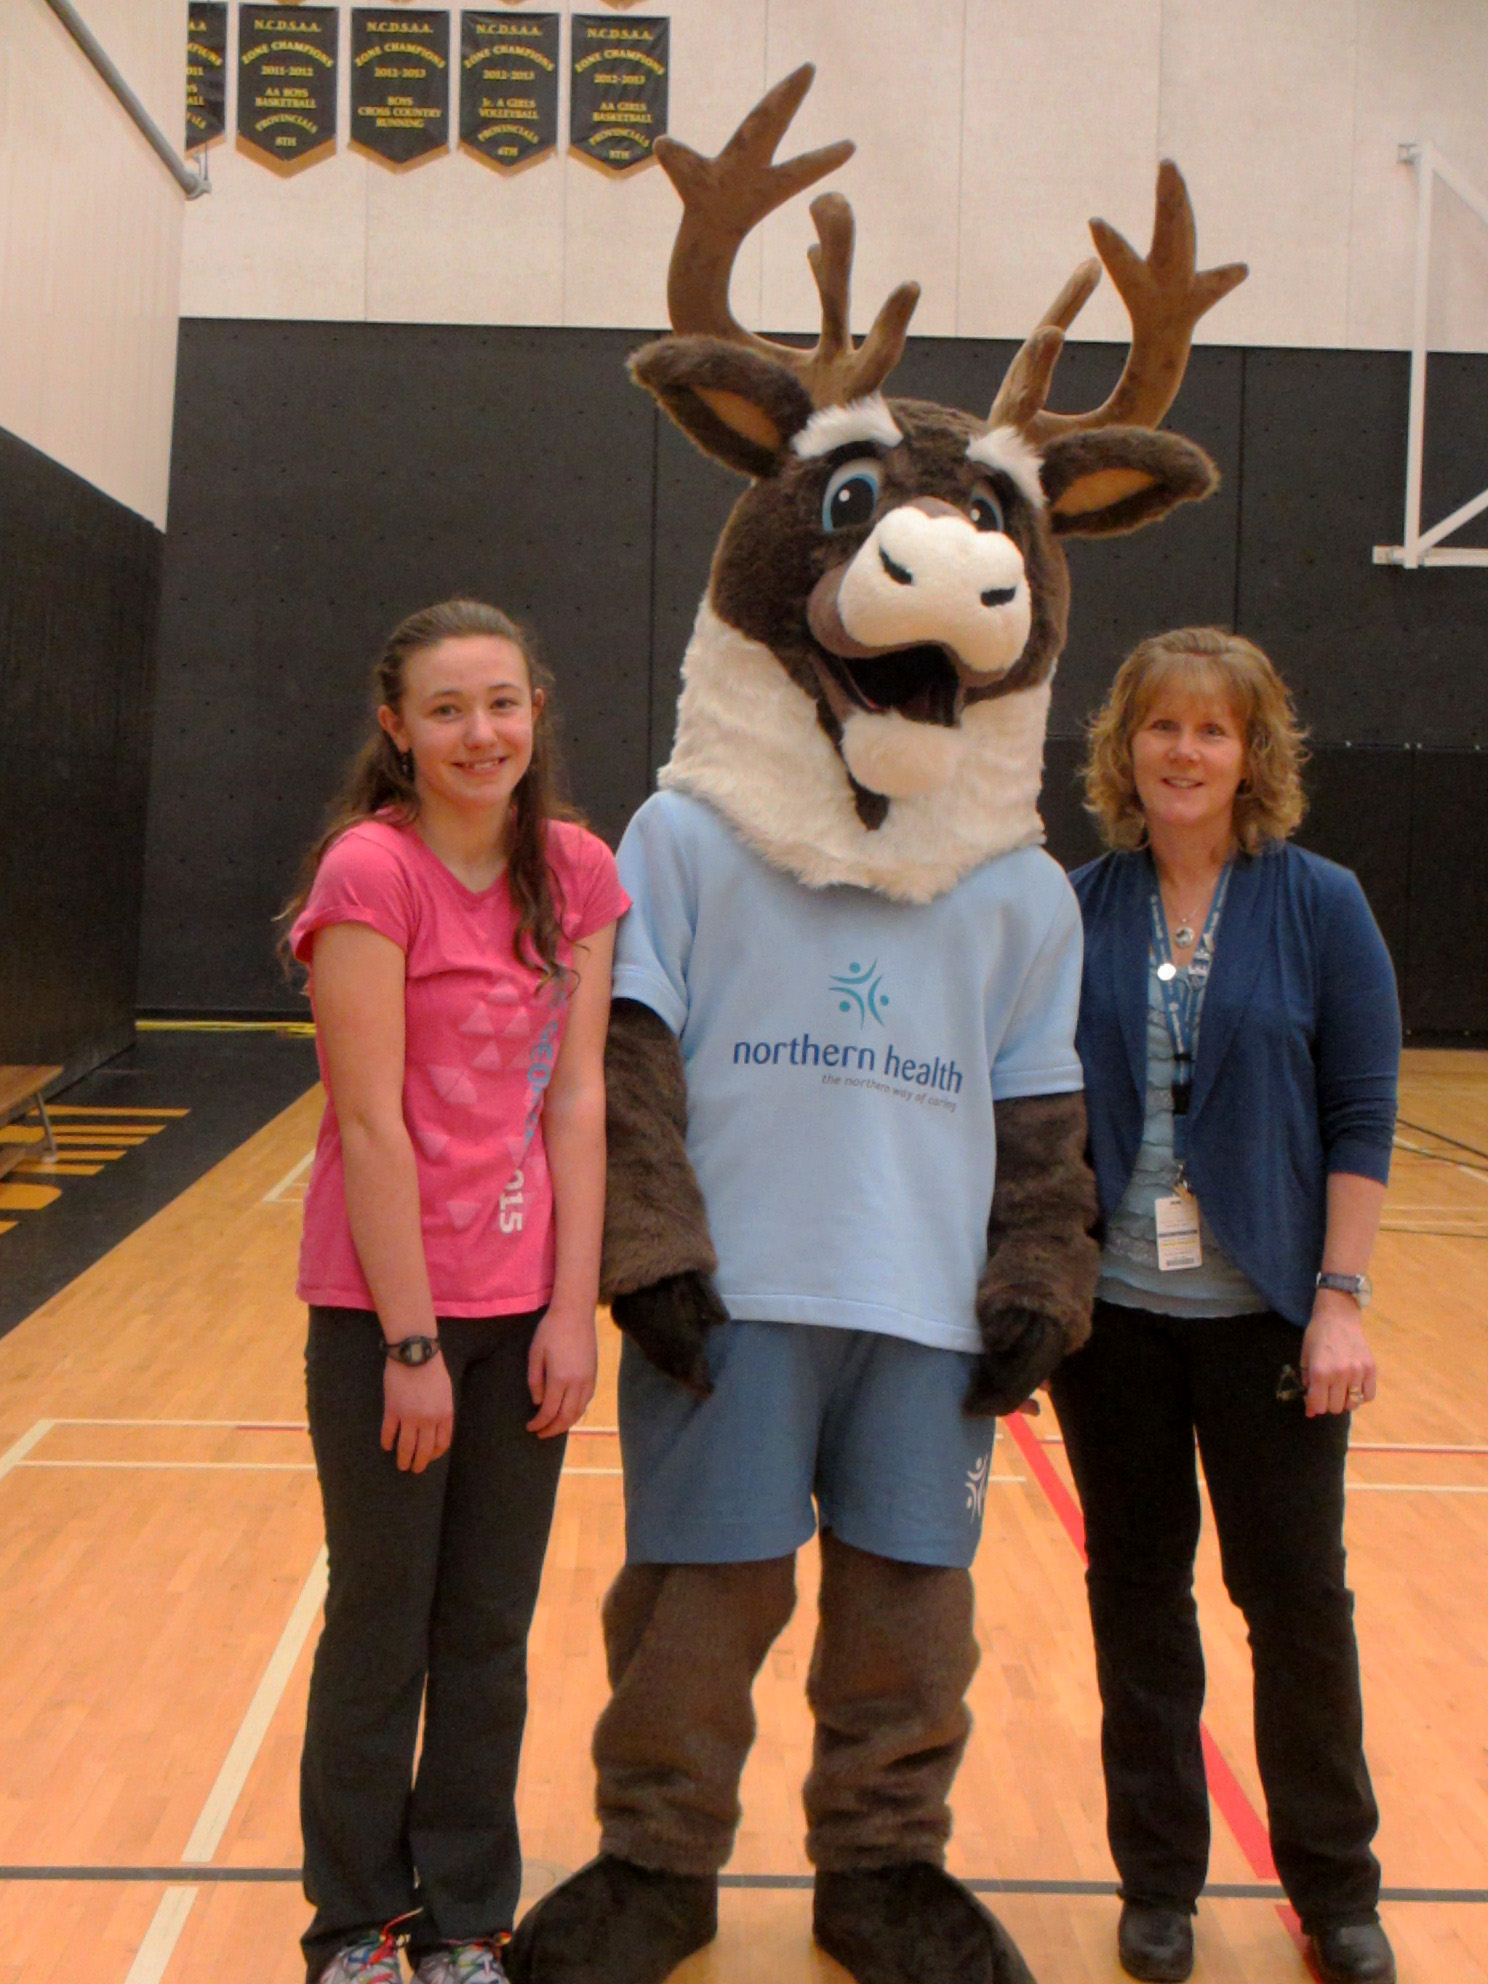 Northern Health Mascot BC